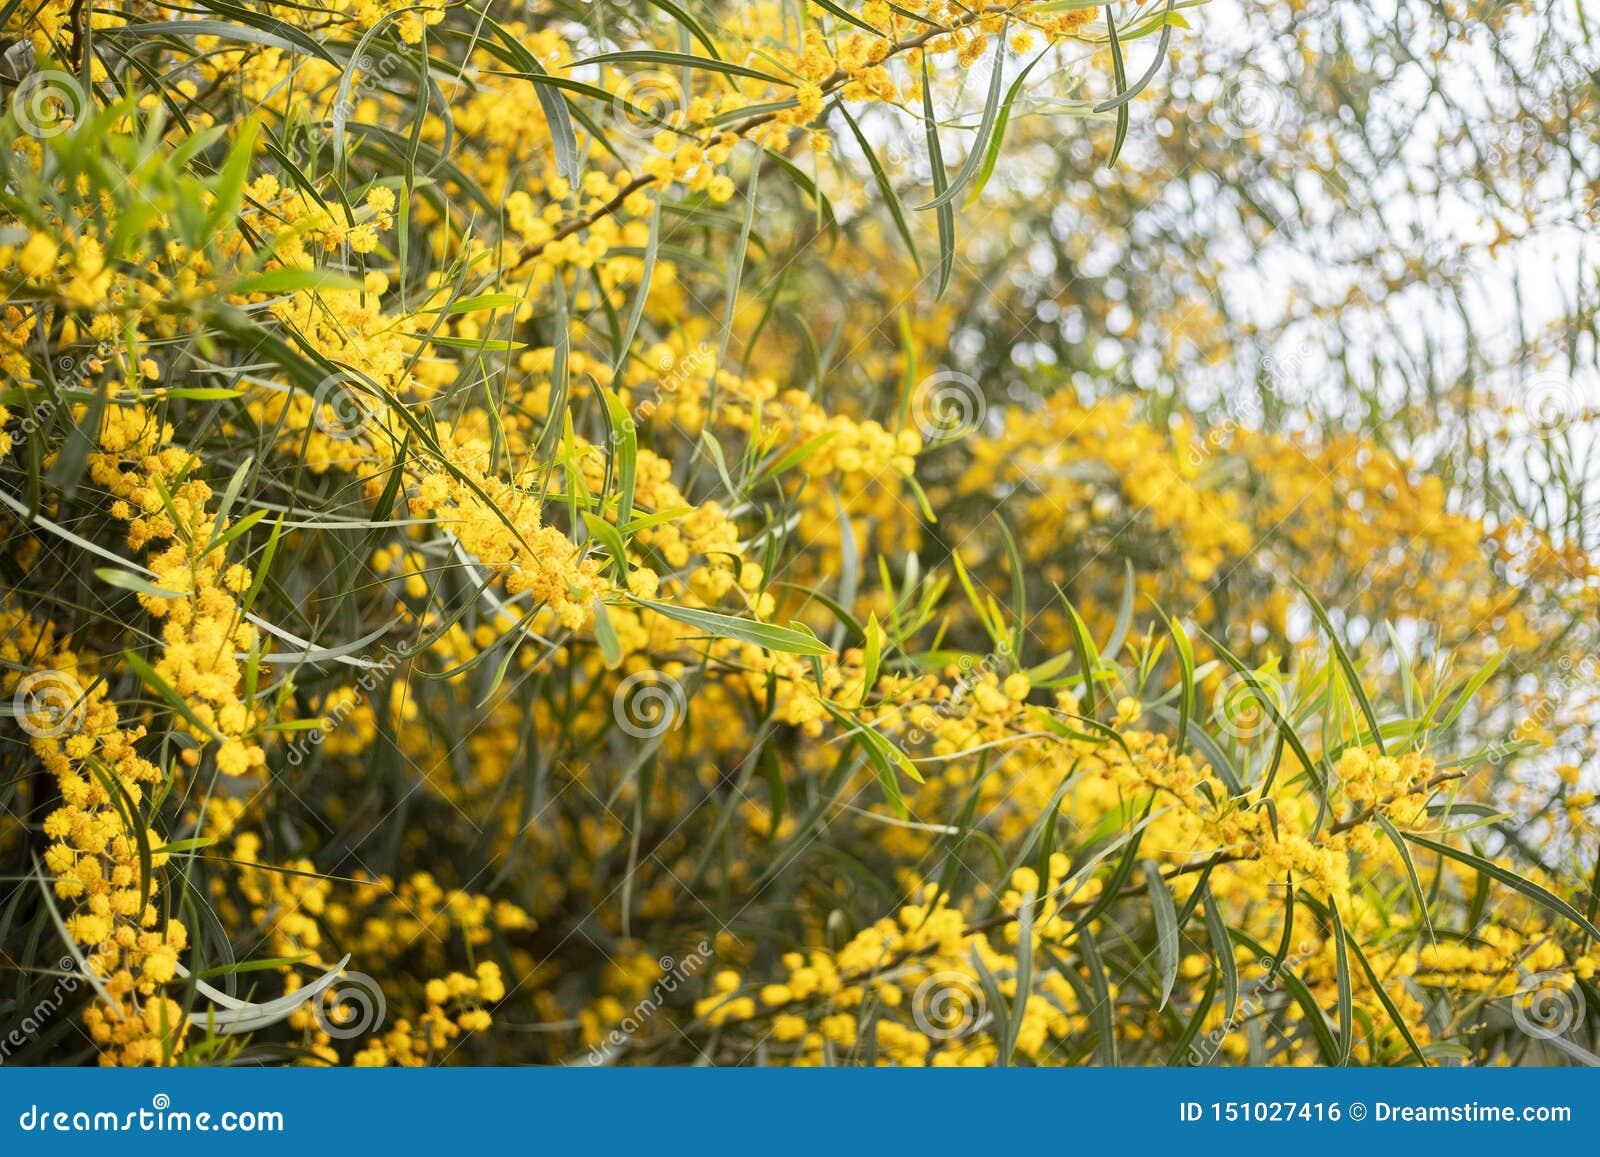 含羞草树黄色金合欢花分支背景